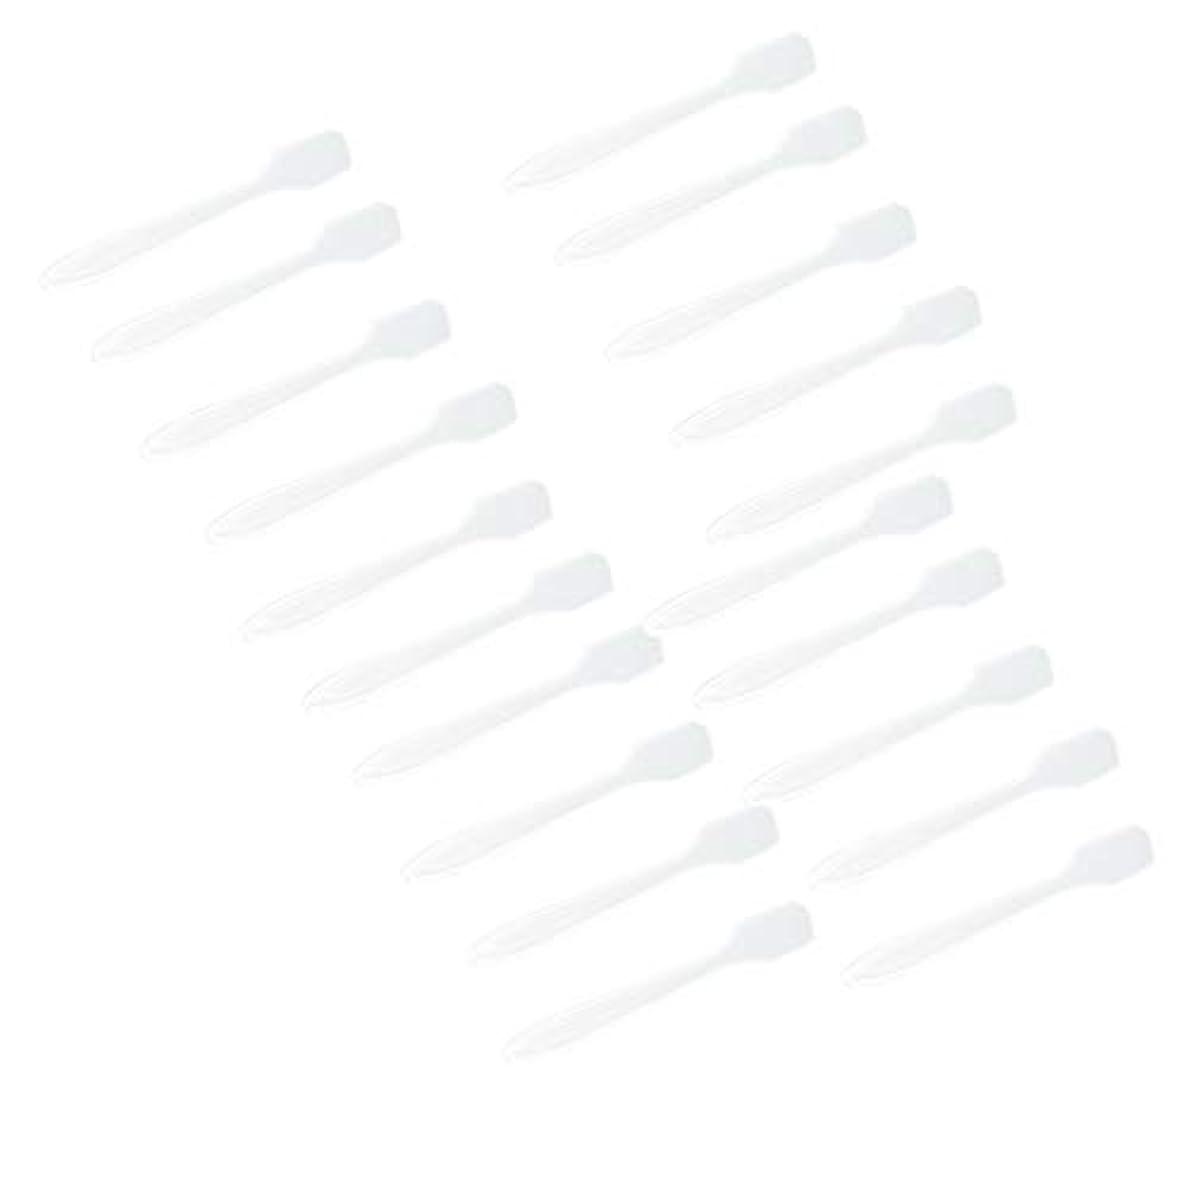 フルーティー物質バルク5色 100点 フェイシャル クリーム マスクスプーン 化粧品へら 女性美容ツール - クリア